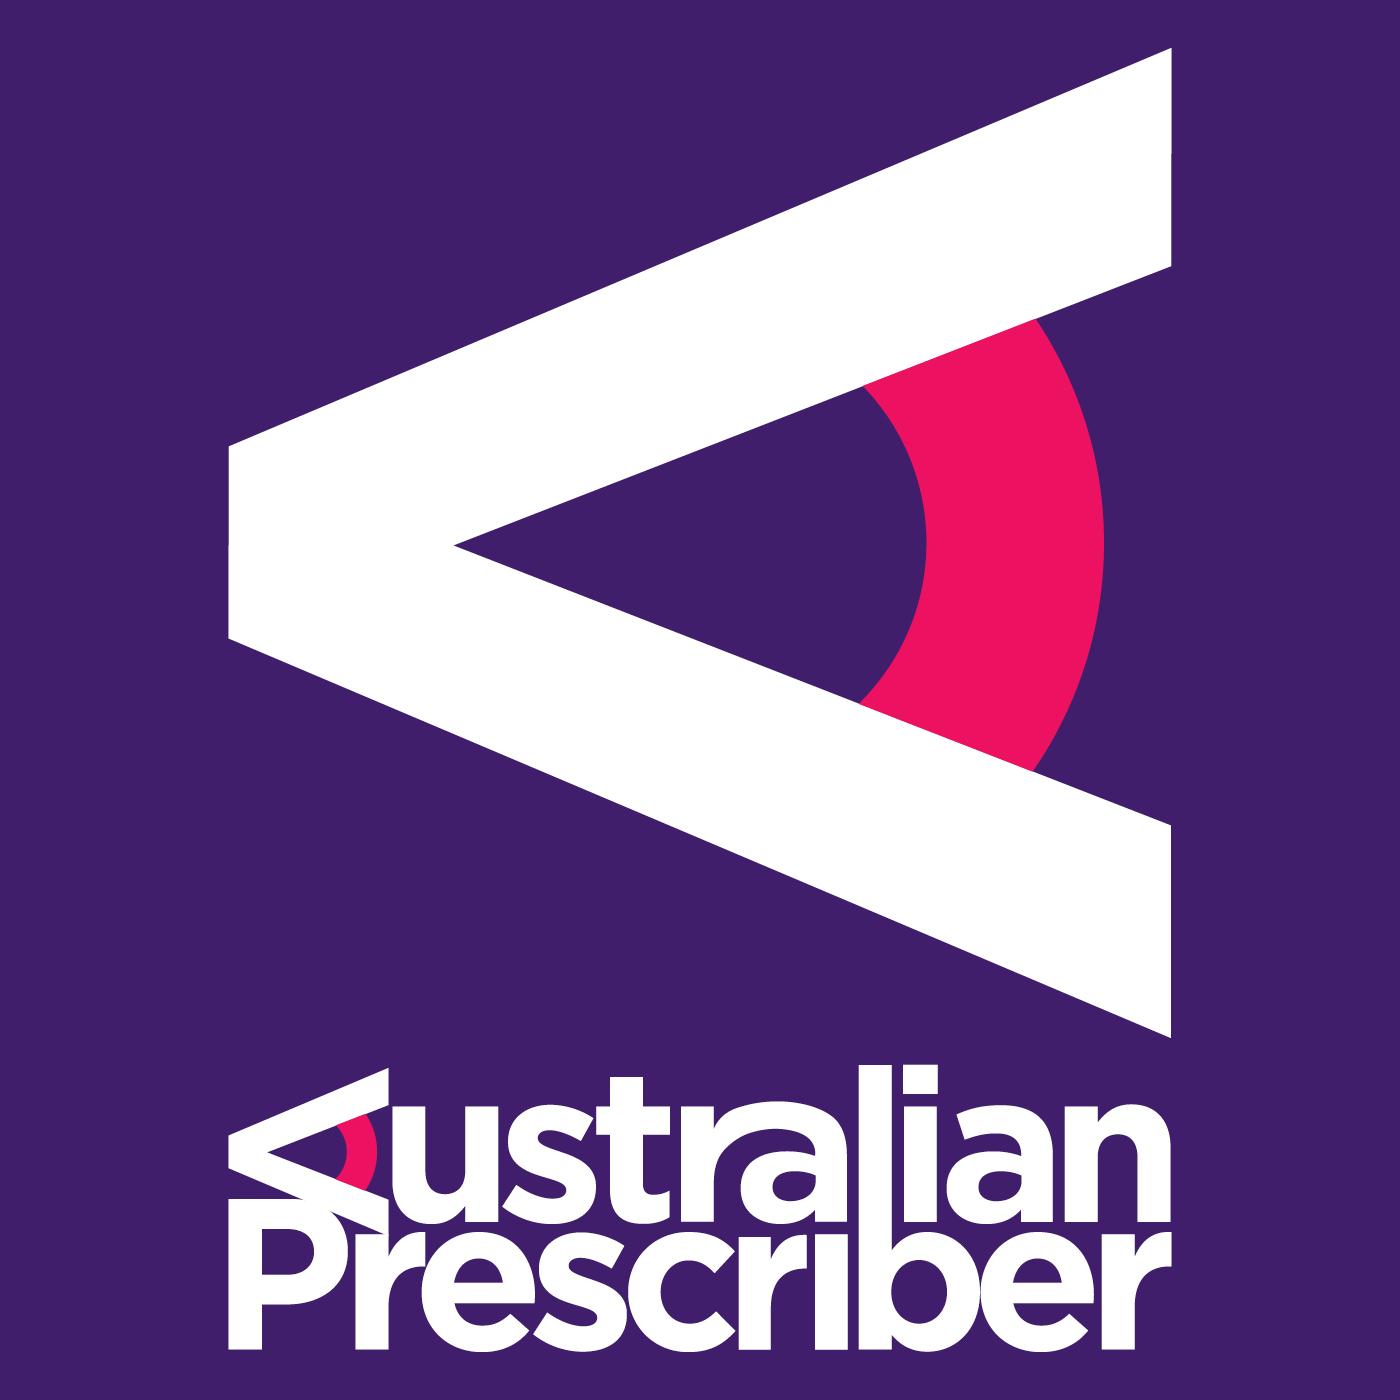 Australian Prescriber Podcast | Listen via Stitcher for Podcasts